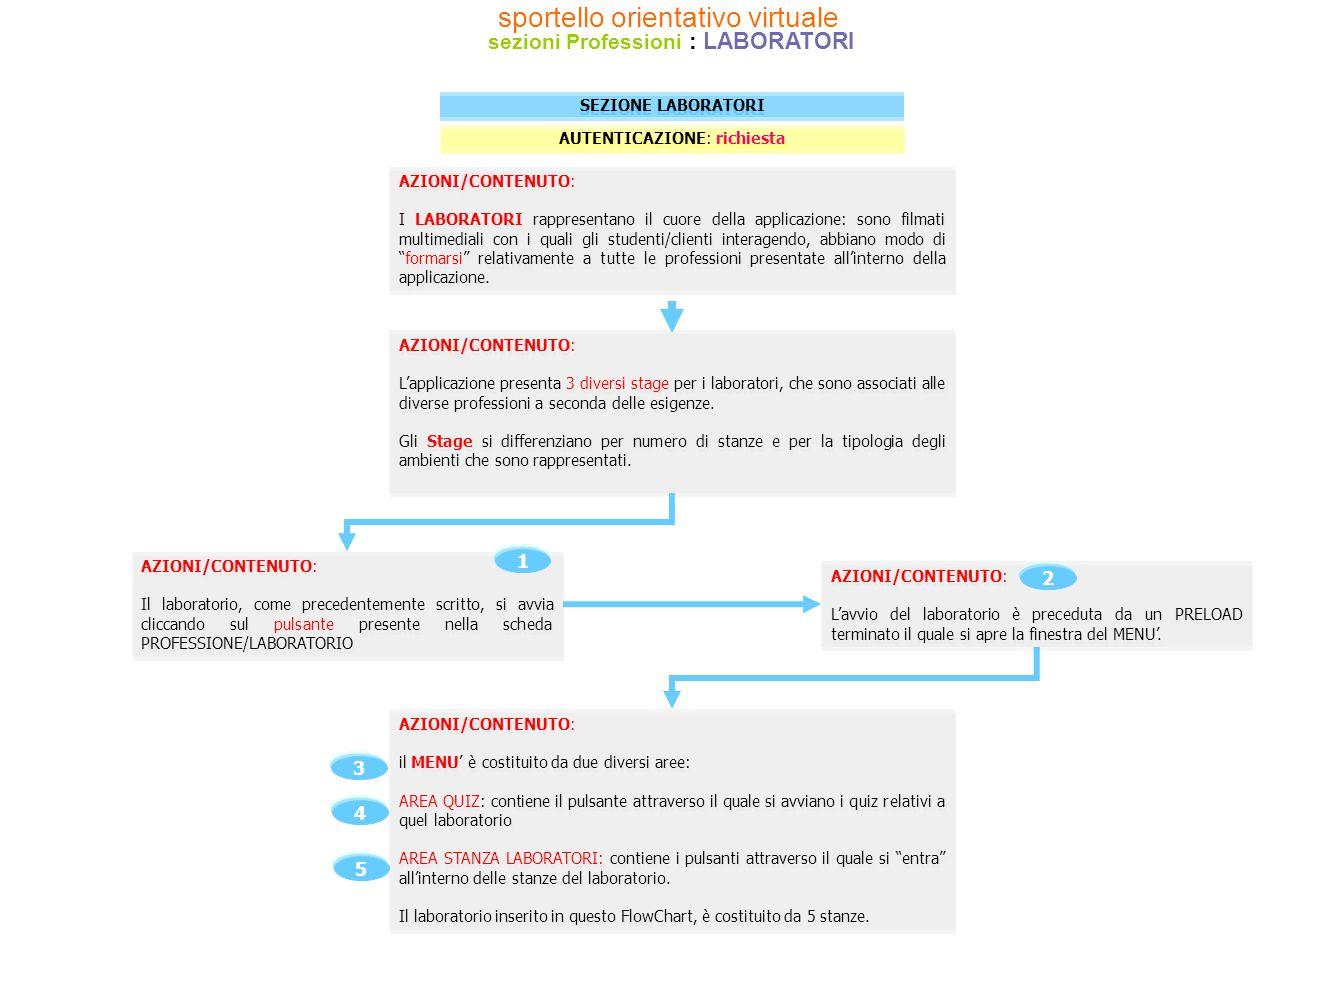 AZIONI/CONTENUTO: il MENU' è costituito da due diversi aree: AREA QUIZ: contiene il pulsante attraverso il quale si avviano i quiz relativi a quel lab